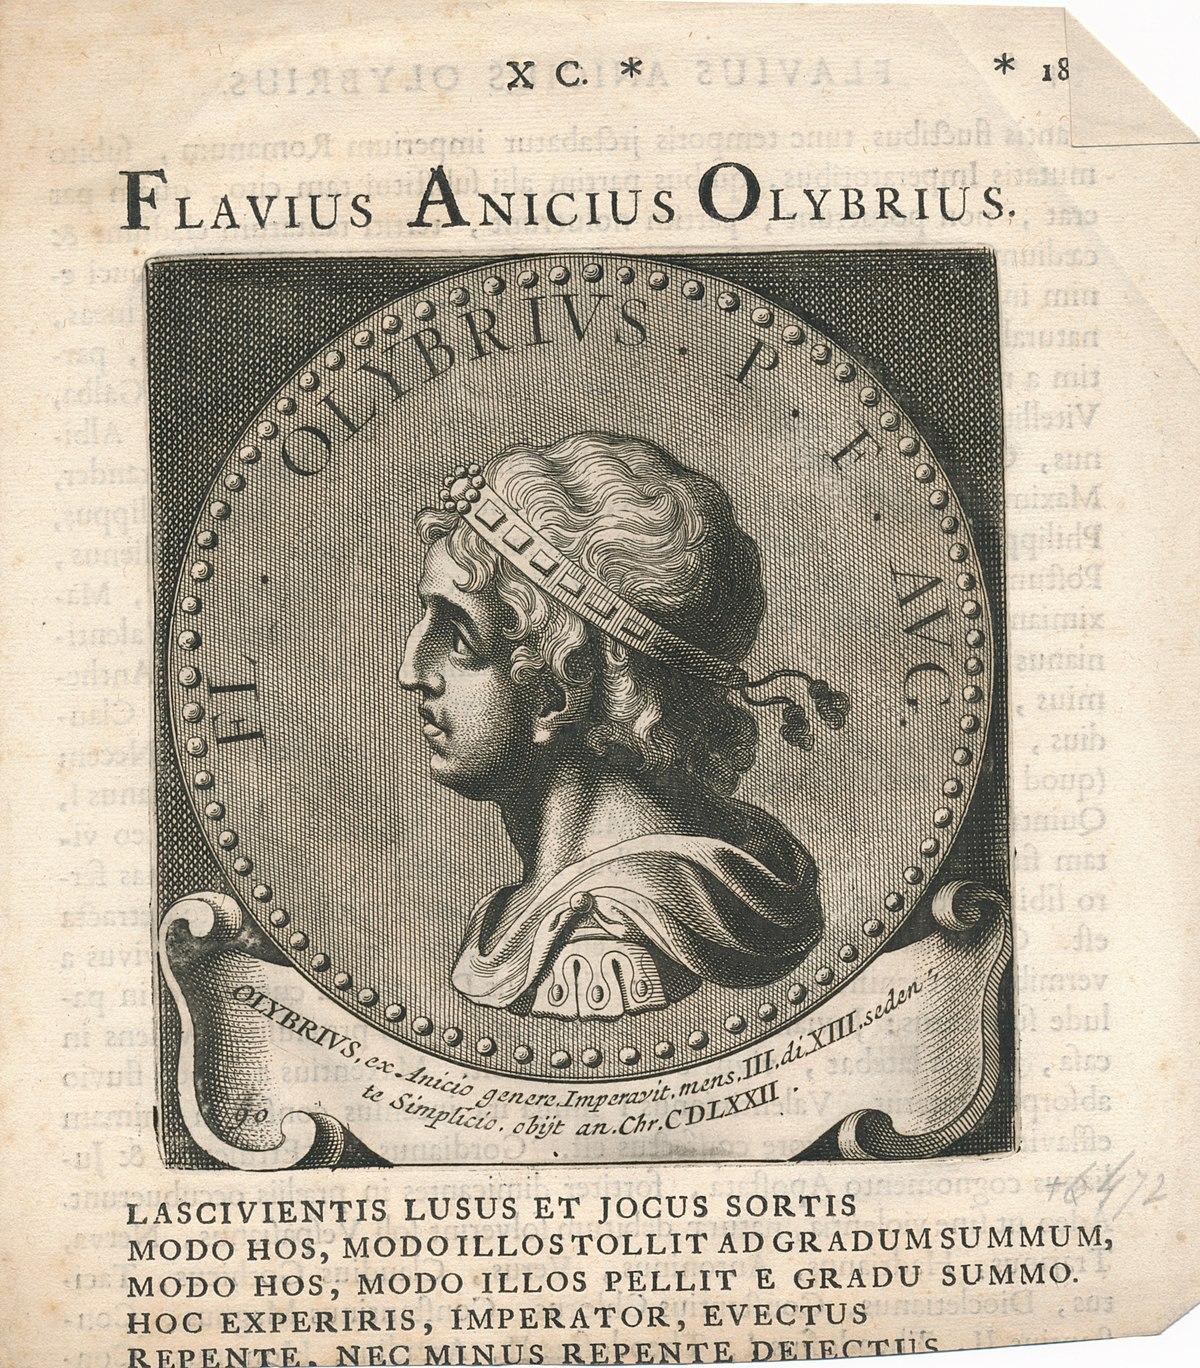 1200px-Flavius_Anicius_Olybrius_erfgoedcentrum_Rozet_300_191_d_6_C_53